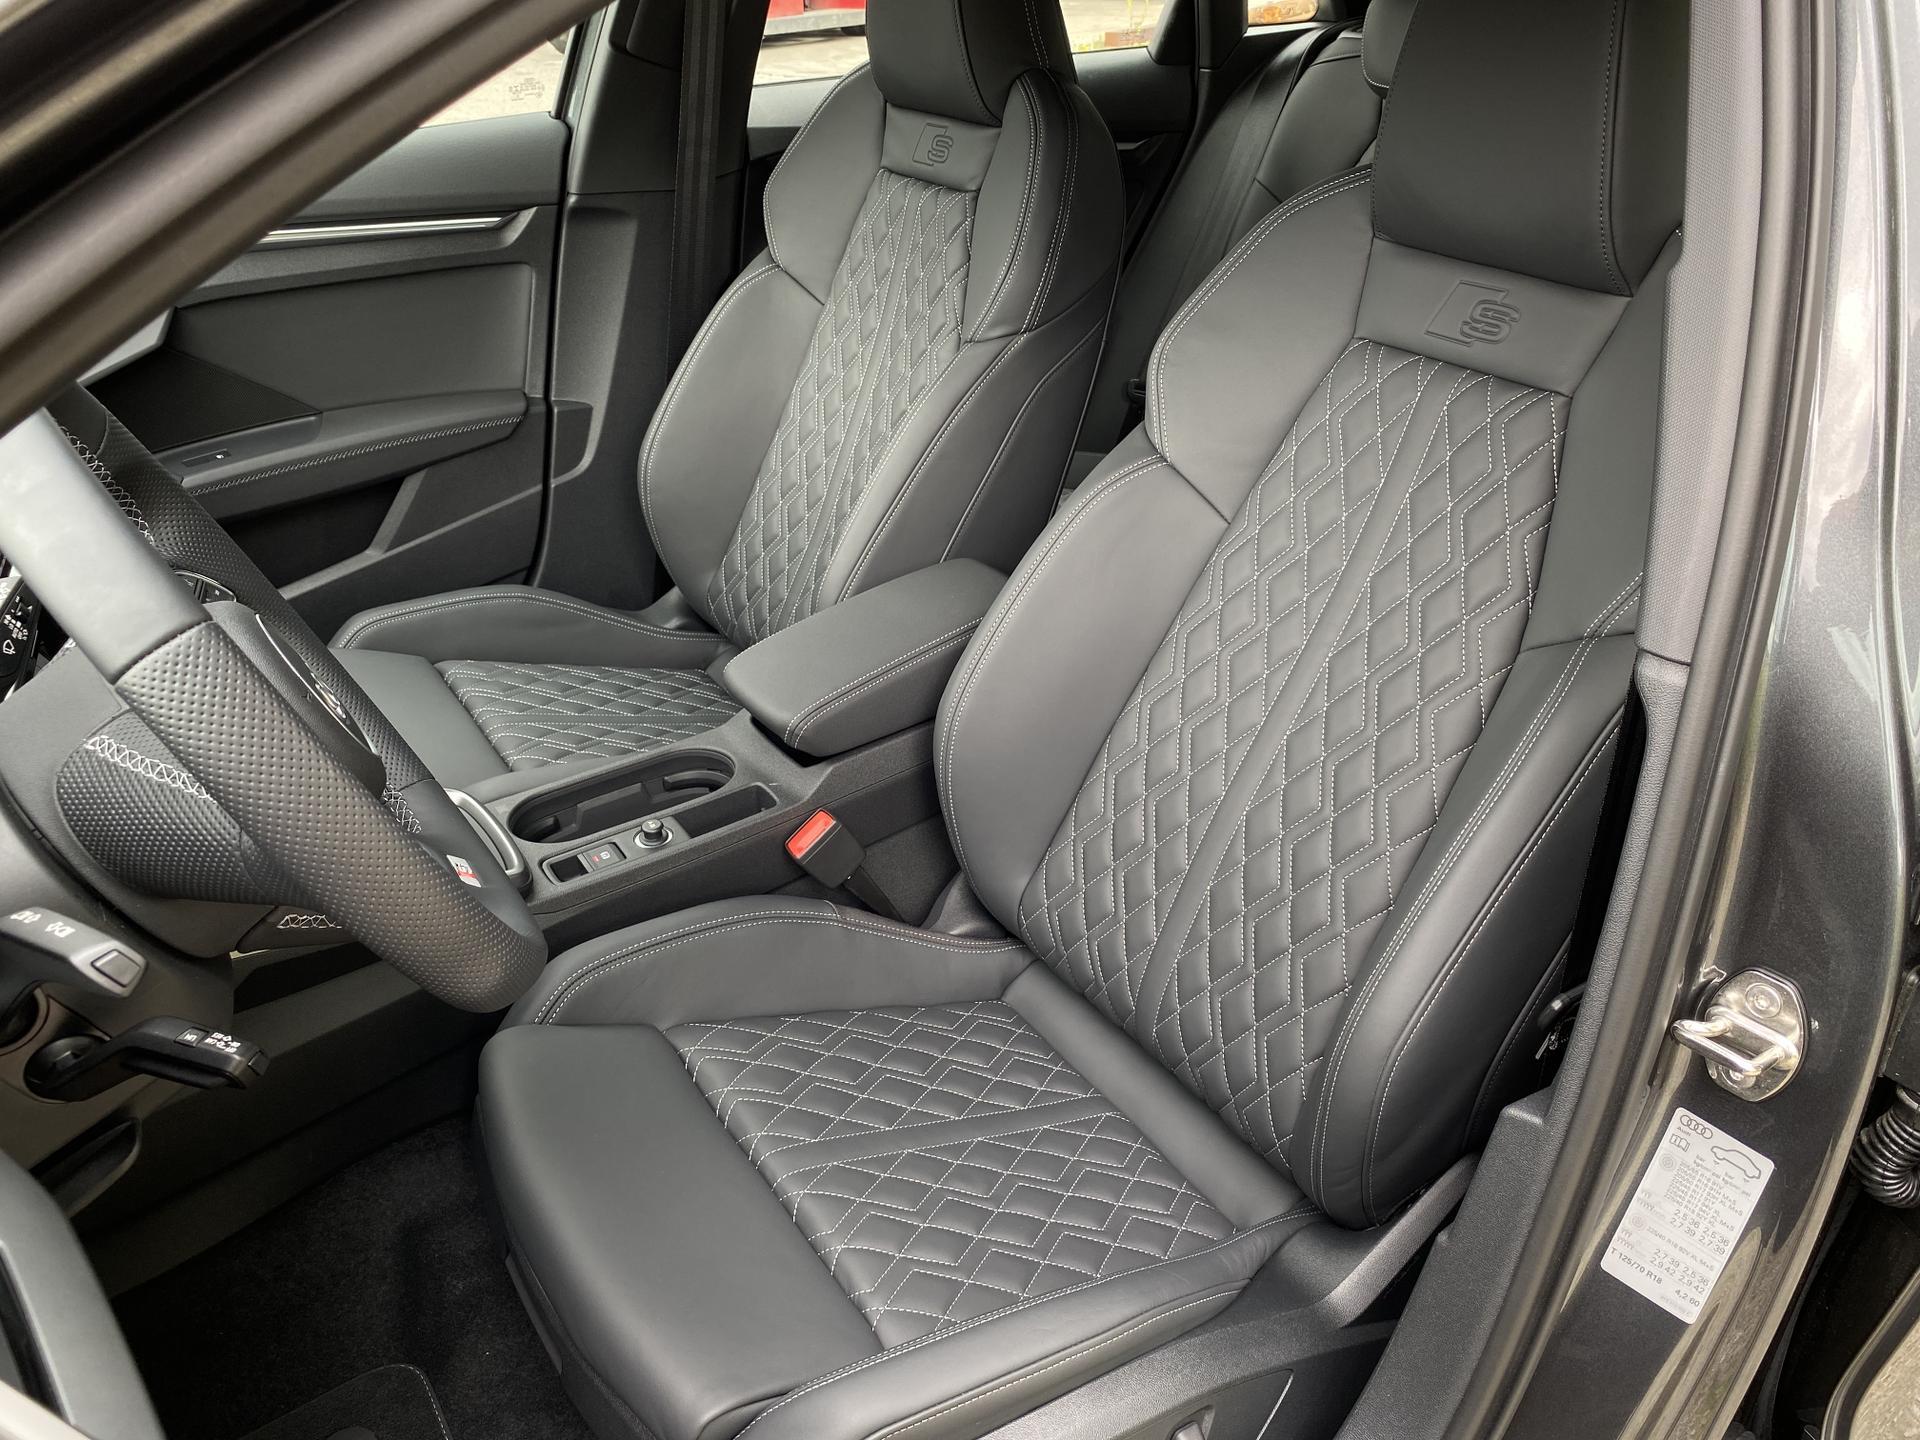 Audi A3 Fahrer- und Beifahrersitz